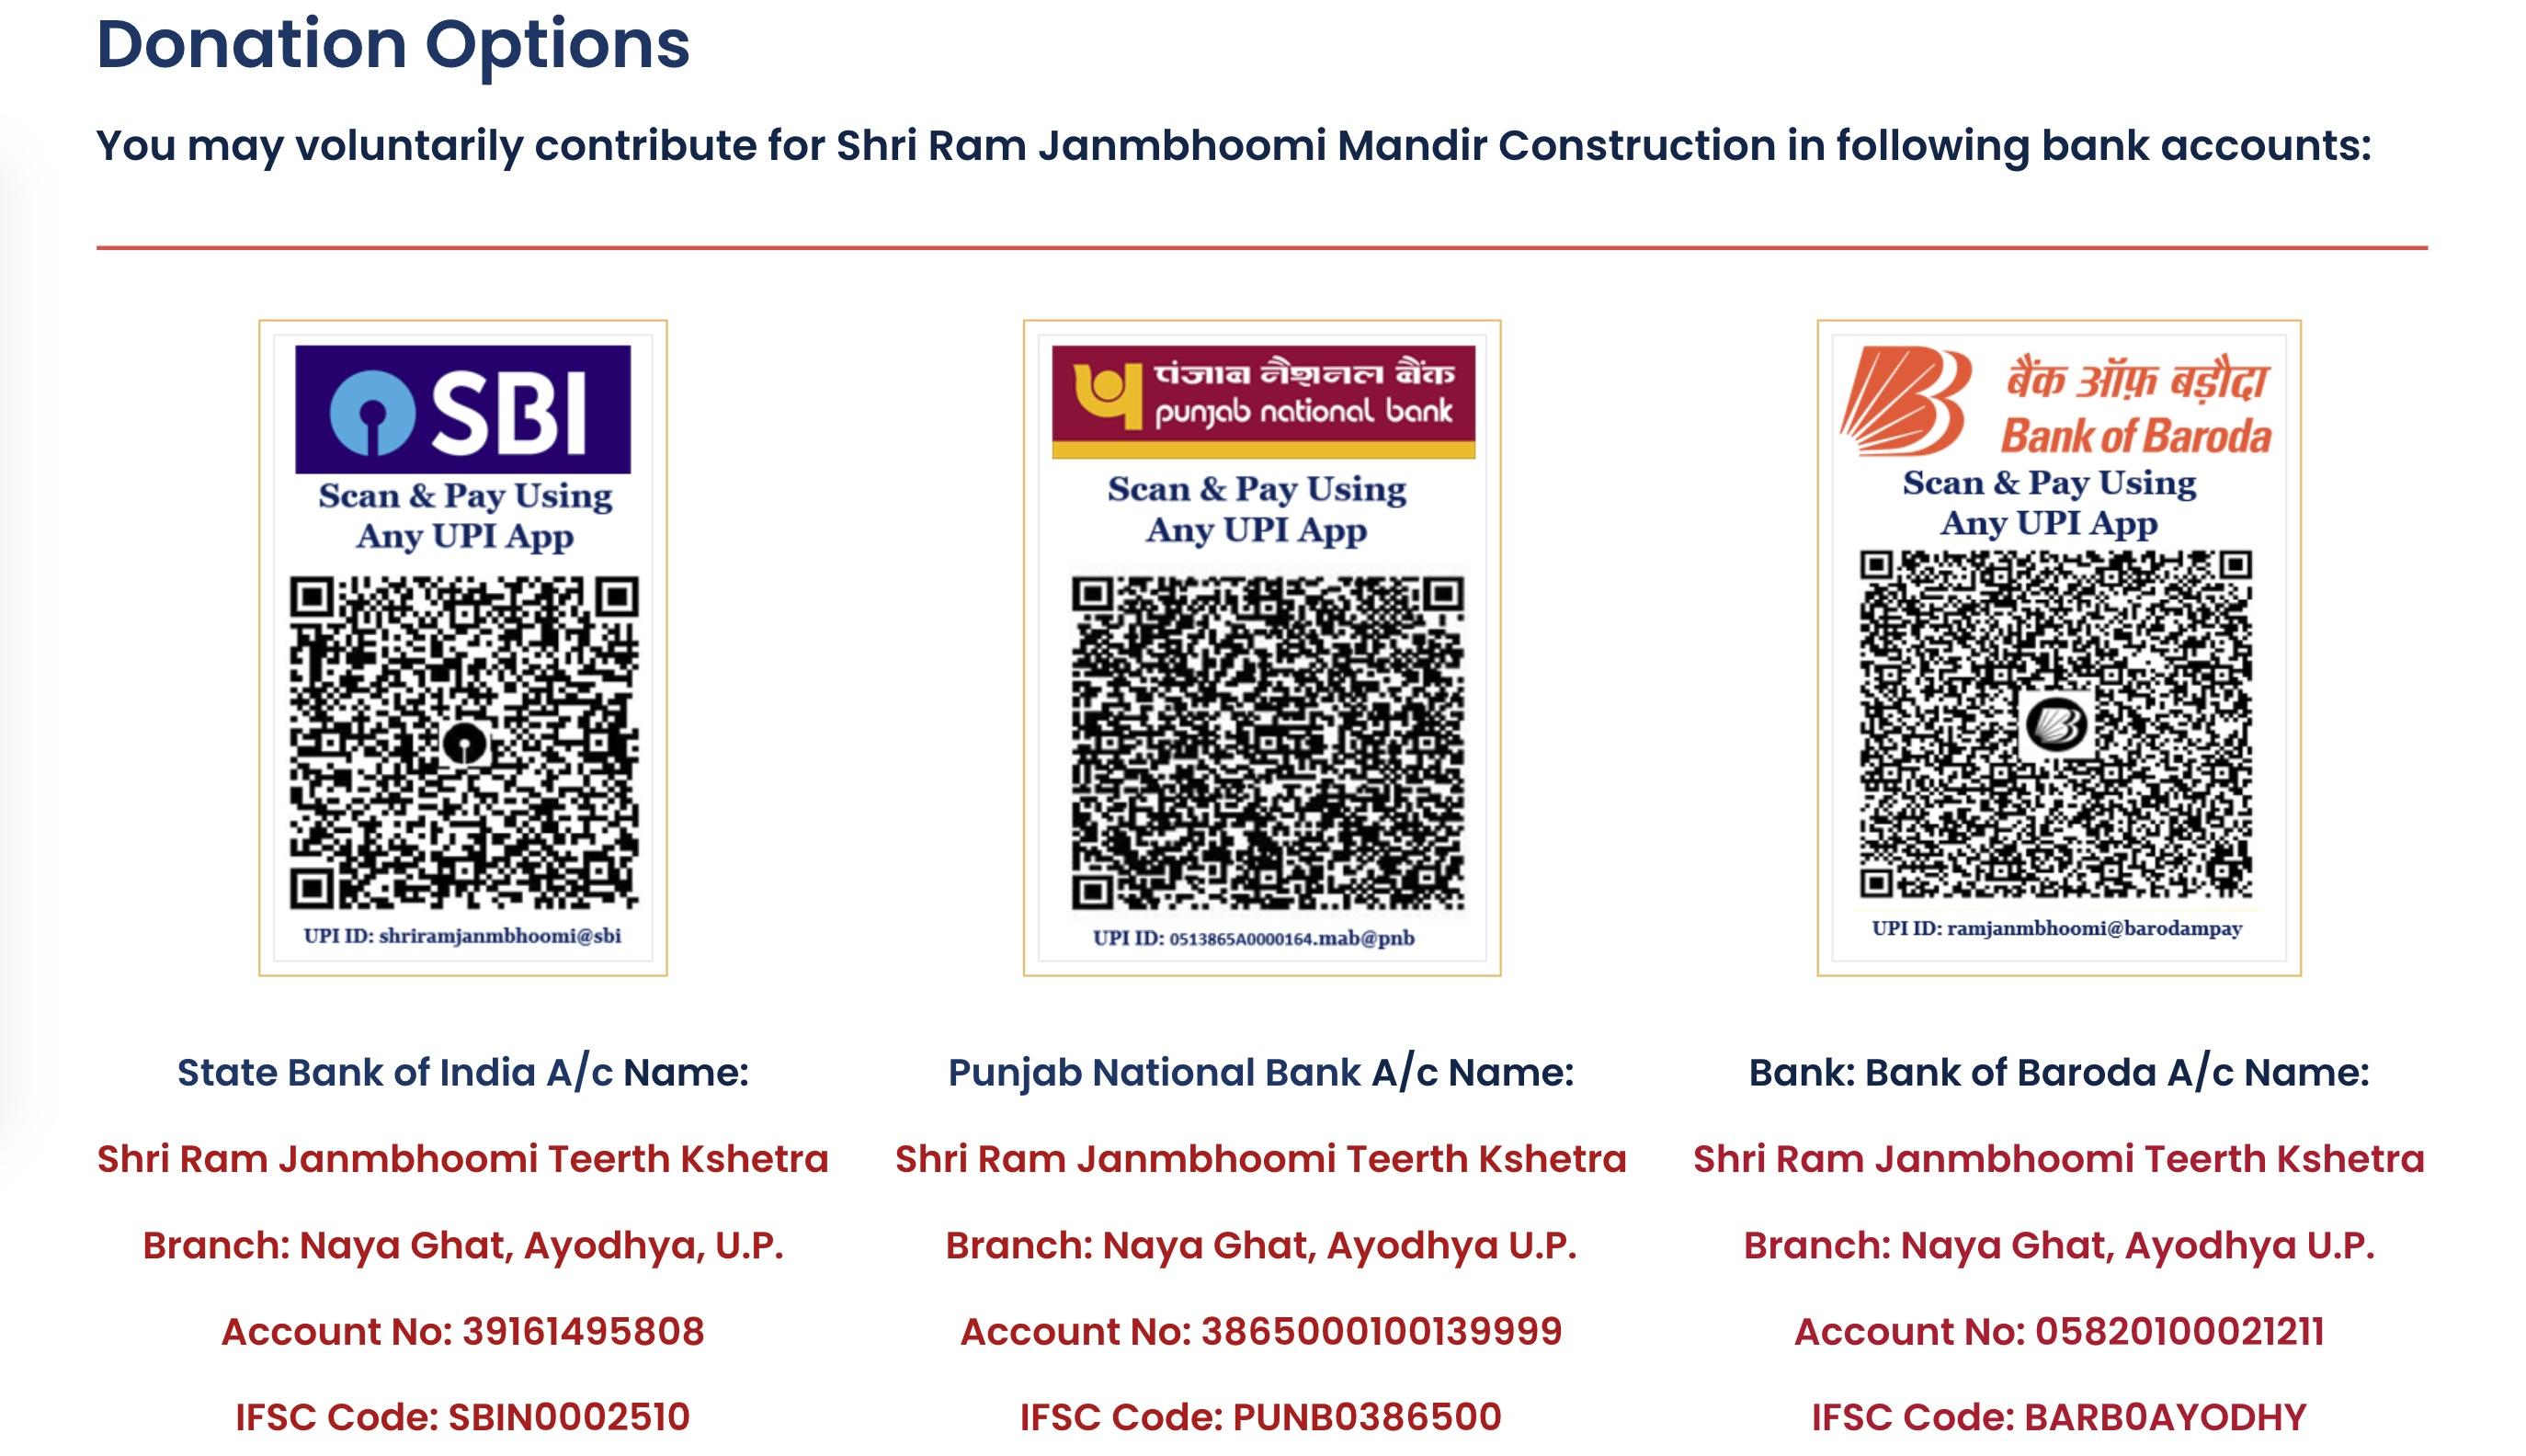 राम मंदिर अयोध्या के लिए दान/योगदान का प्रामाणिक तरीका